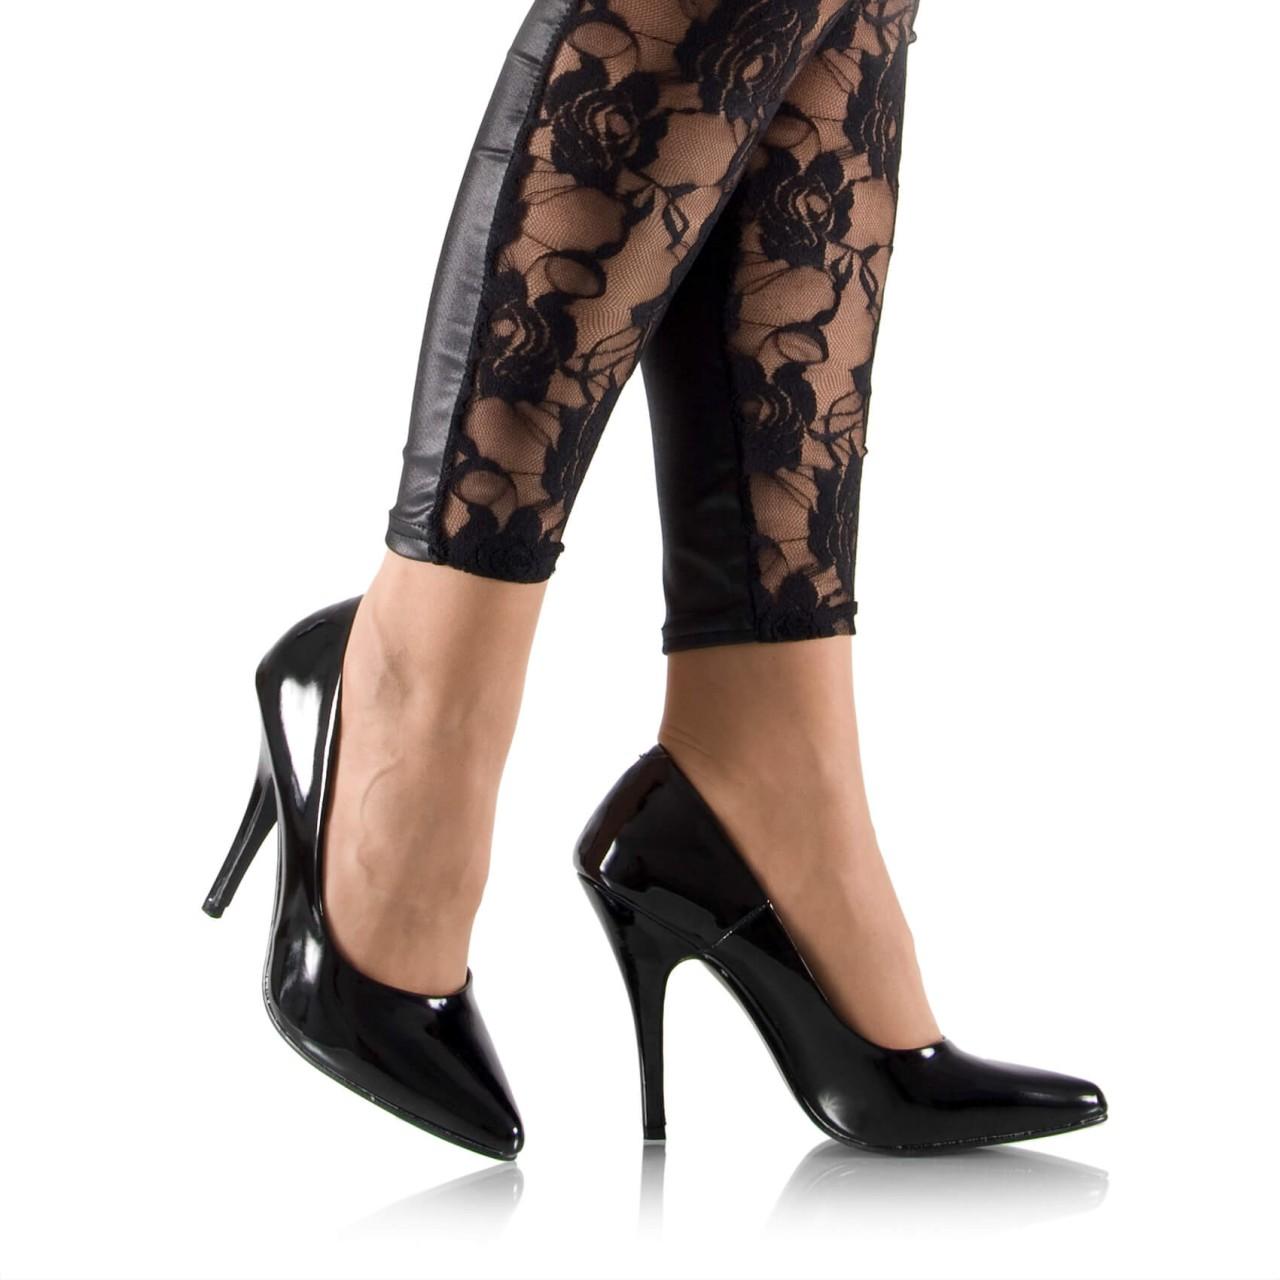 9d3189774e8cab Ab wann sind Schuhe mit hohen Absätzen eigentlich High Heels